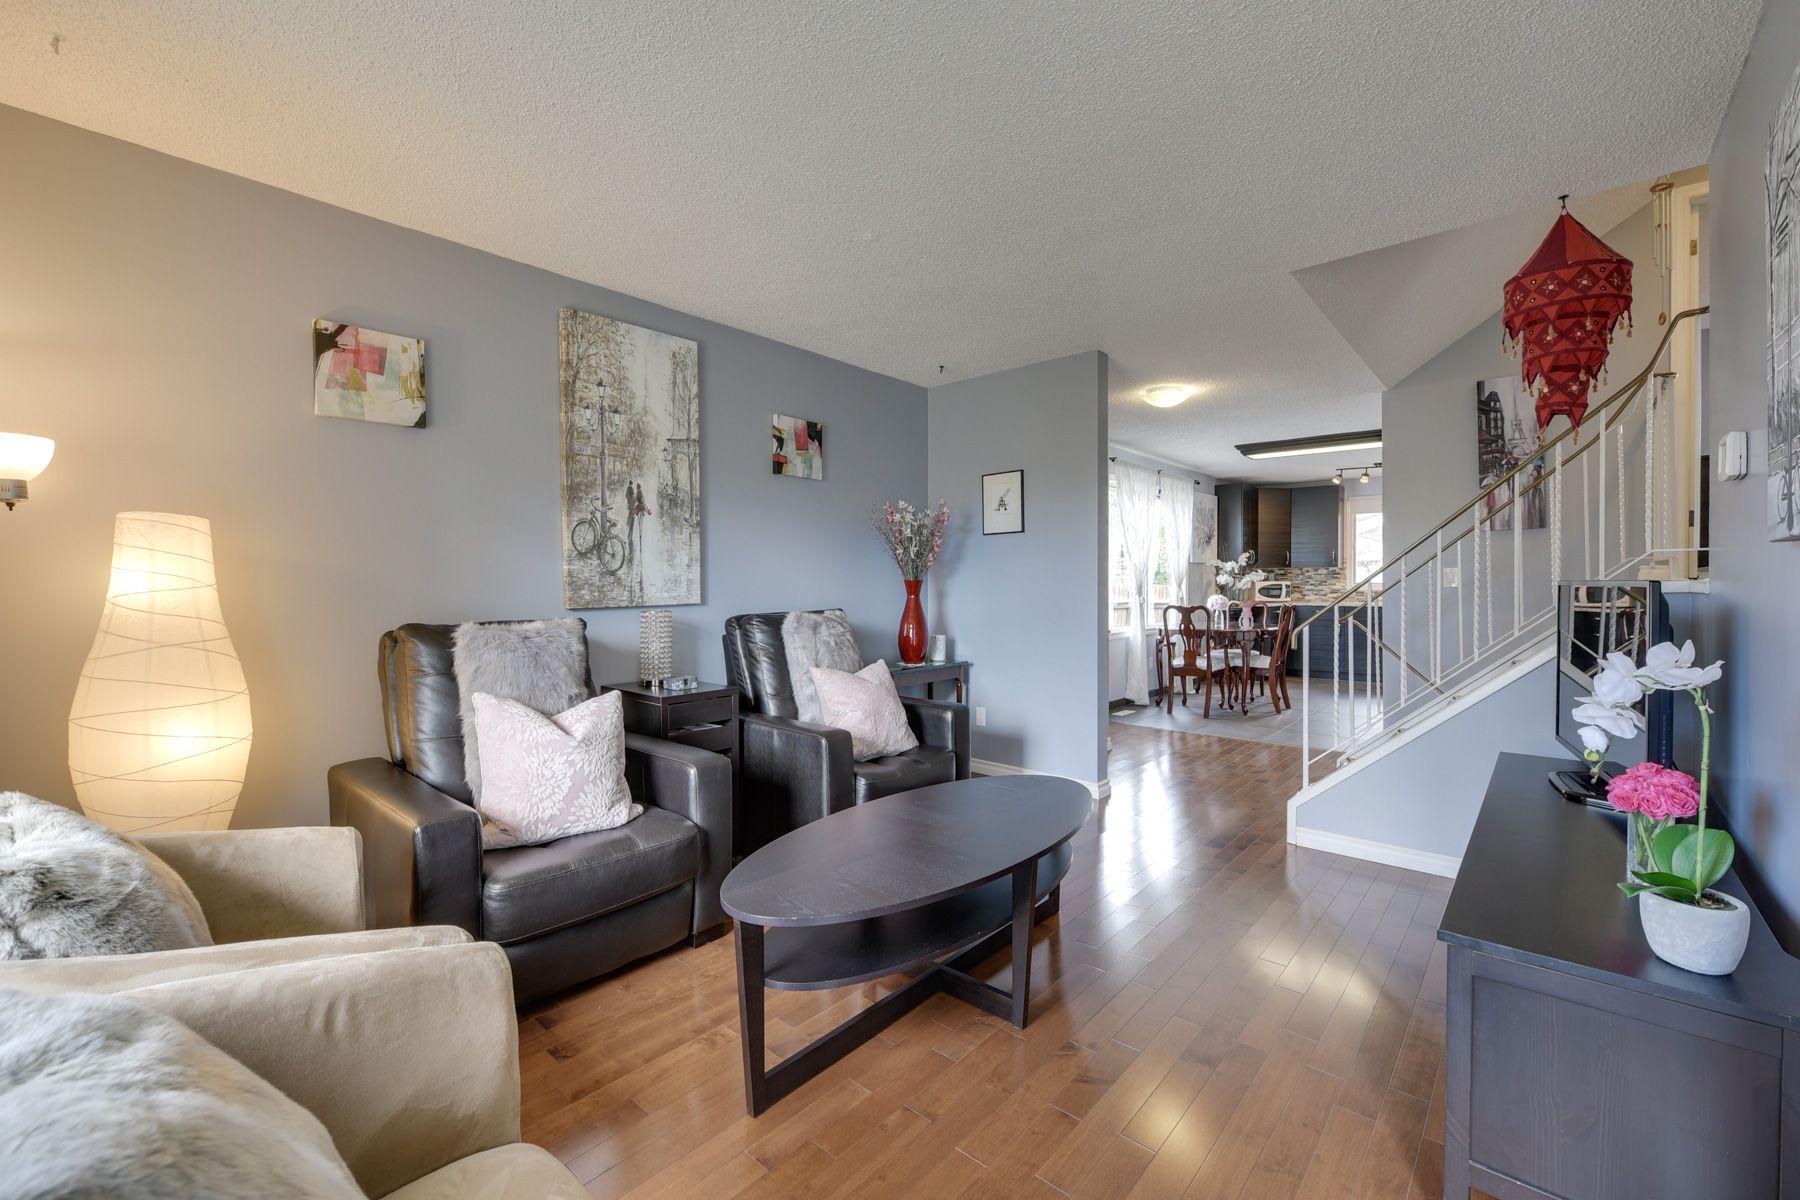 Main Photo: 11912 - 138 Avenue: Edmonton House Duplex for sale : MLS®# E4118554